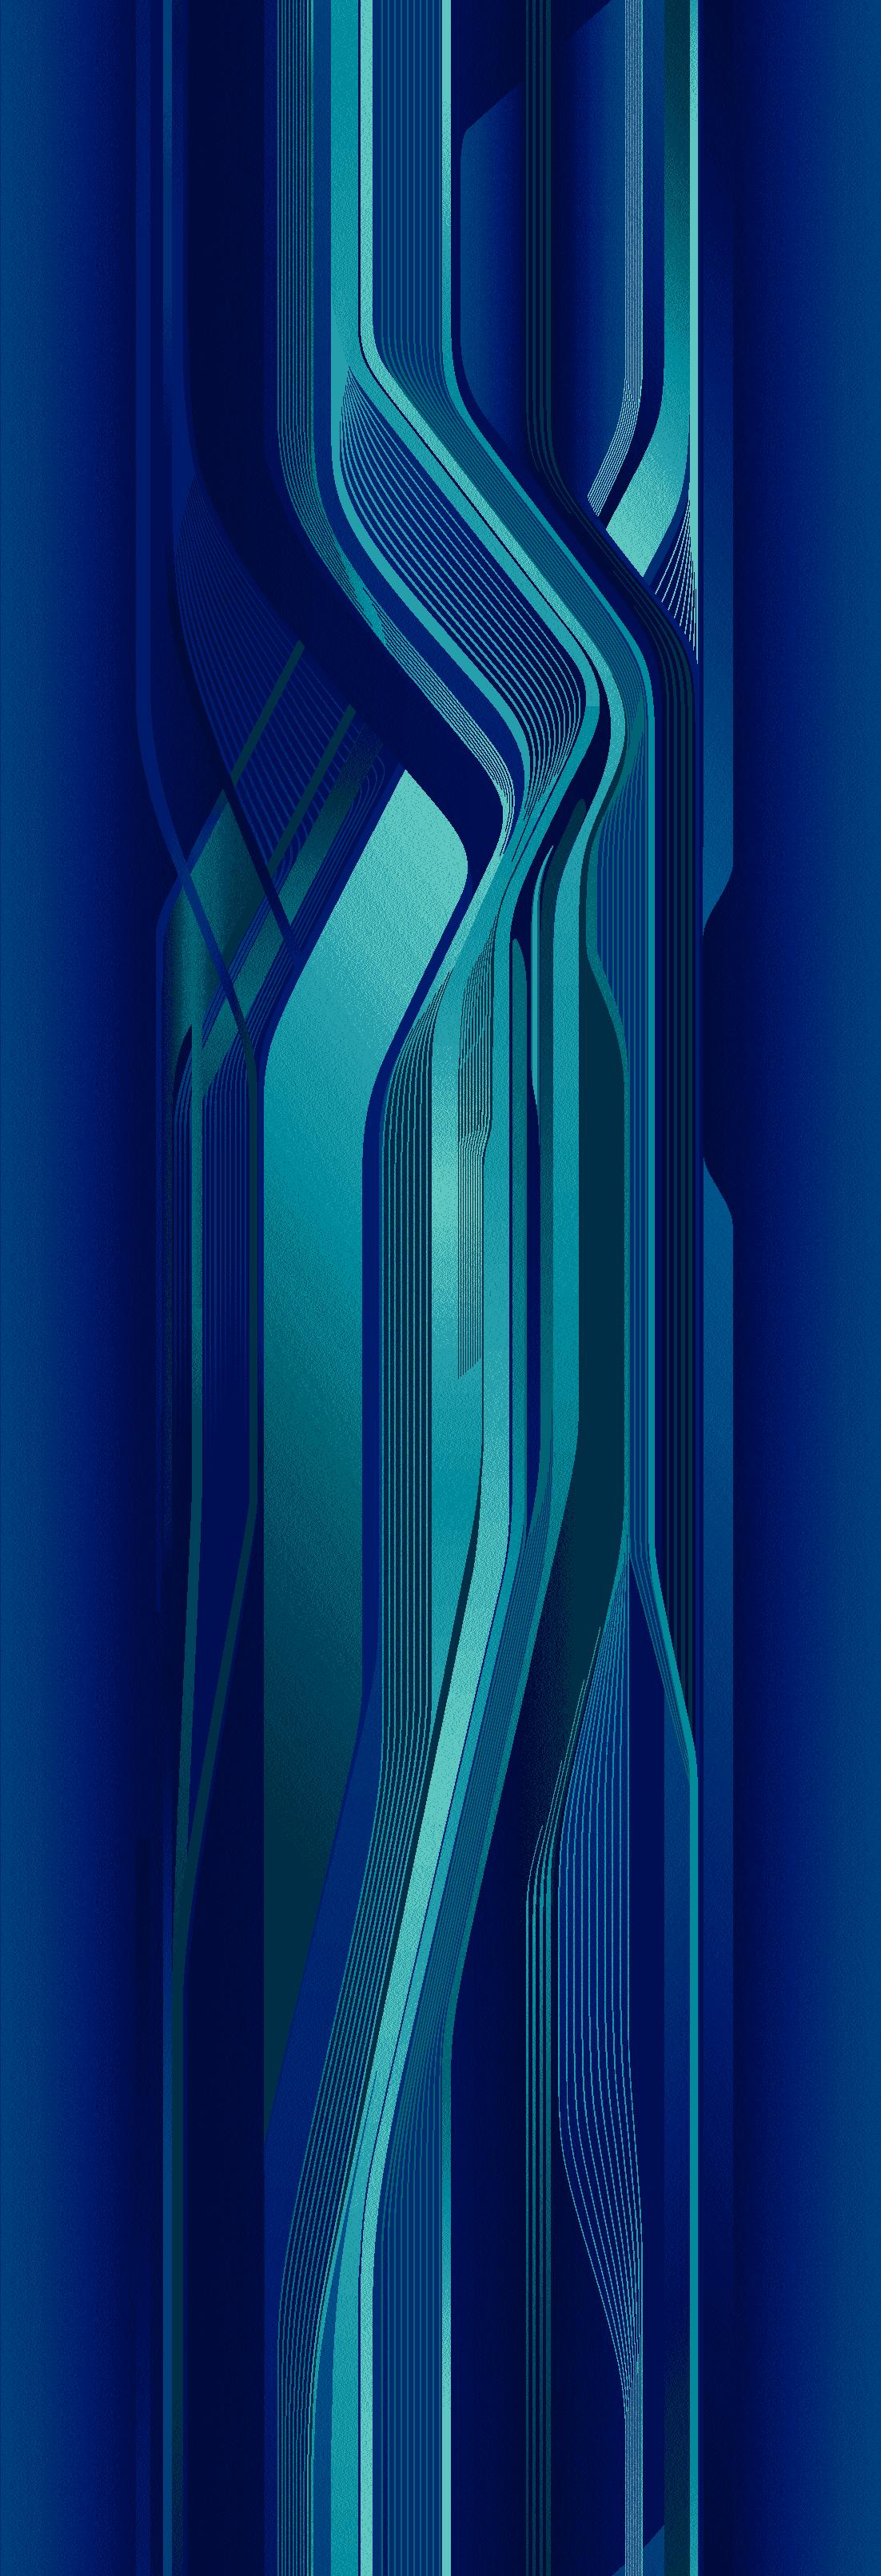 NXU029819-2